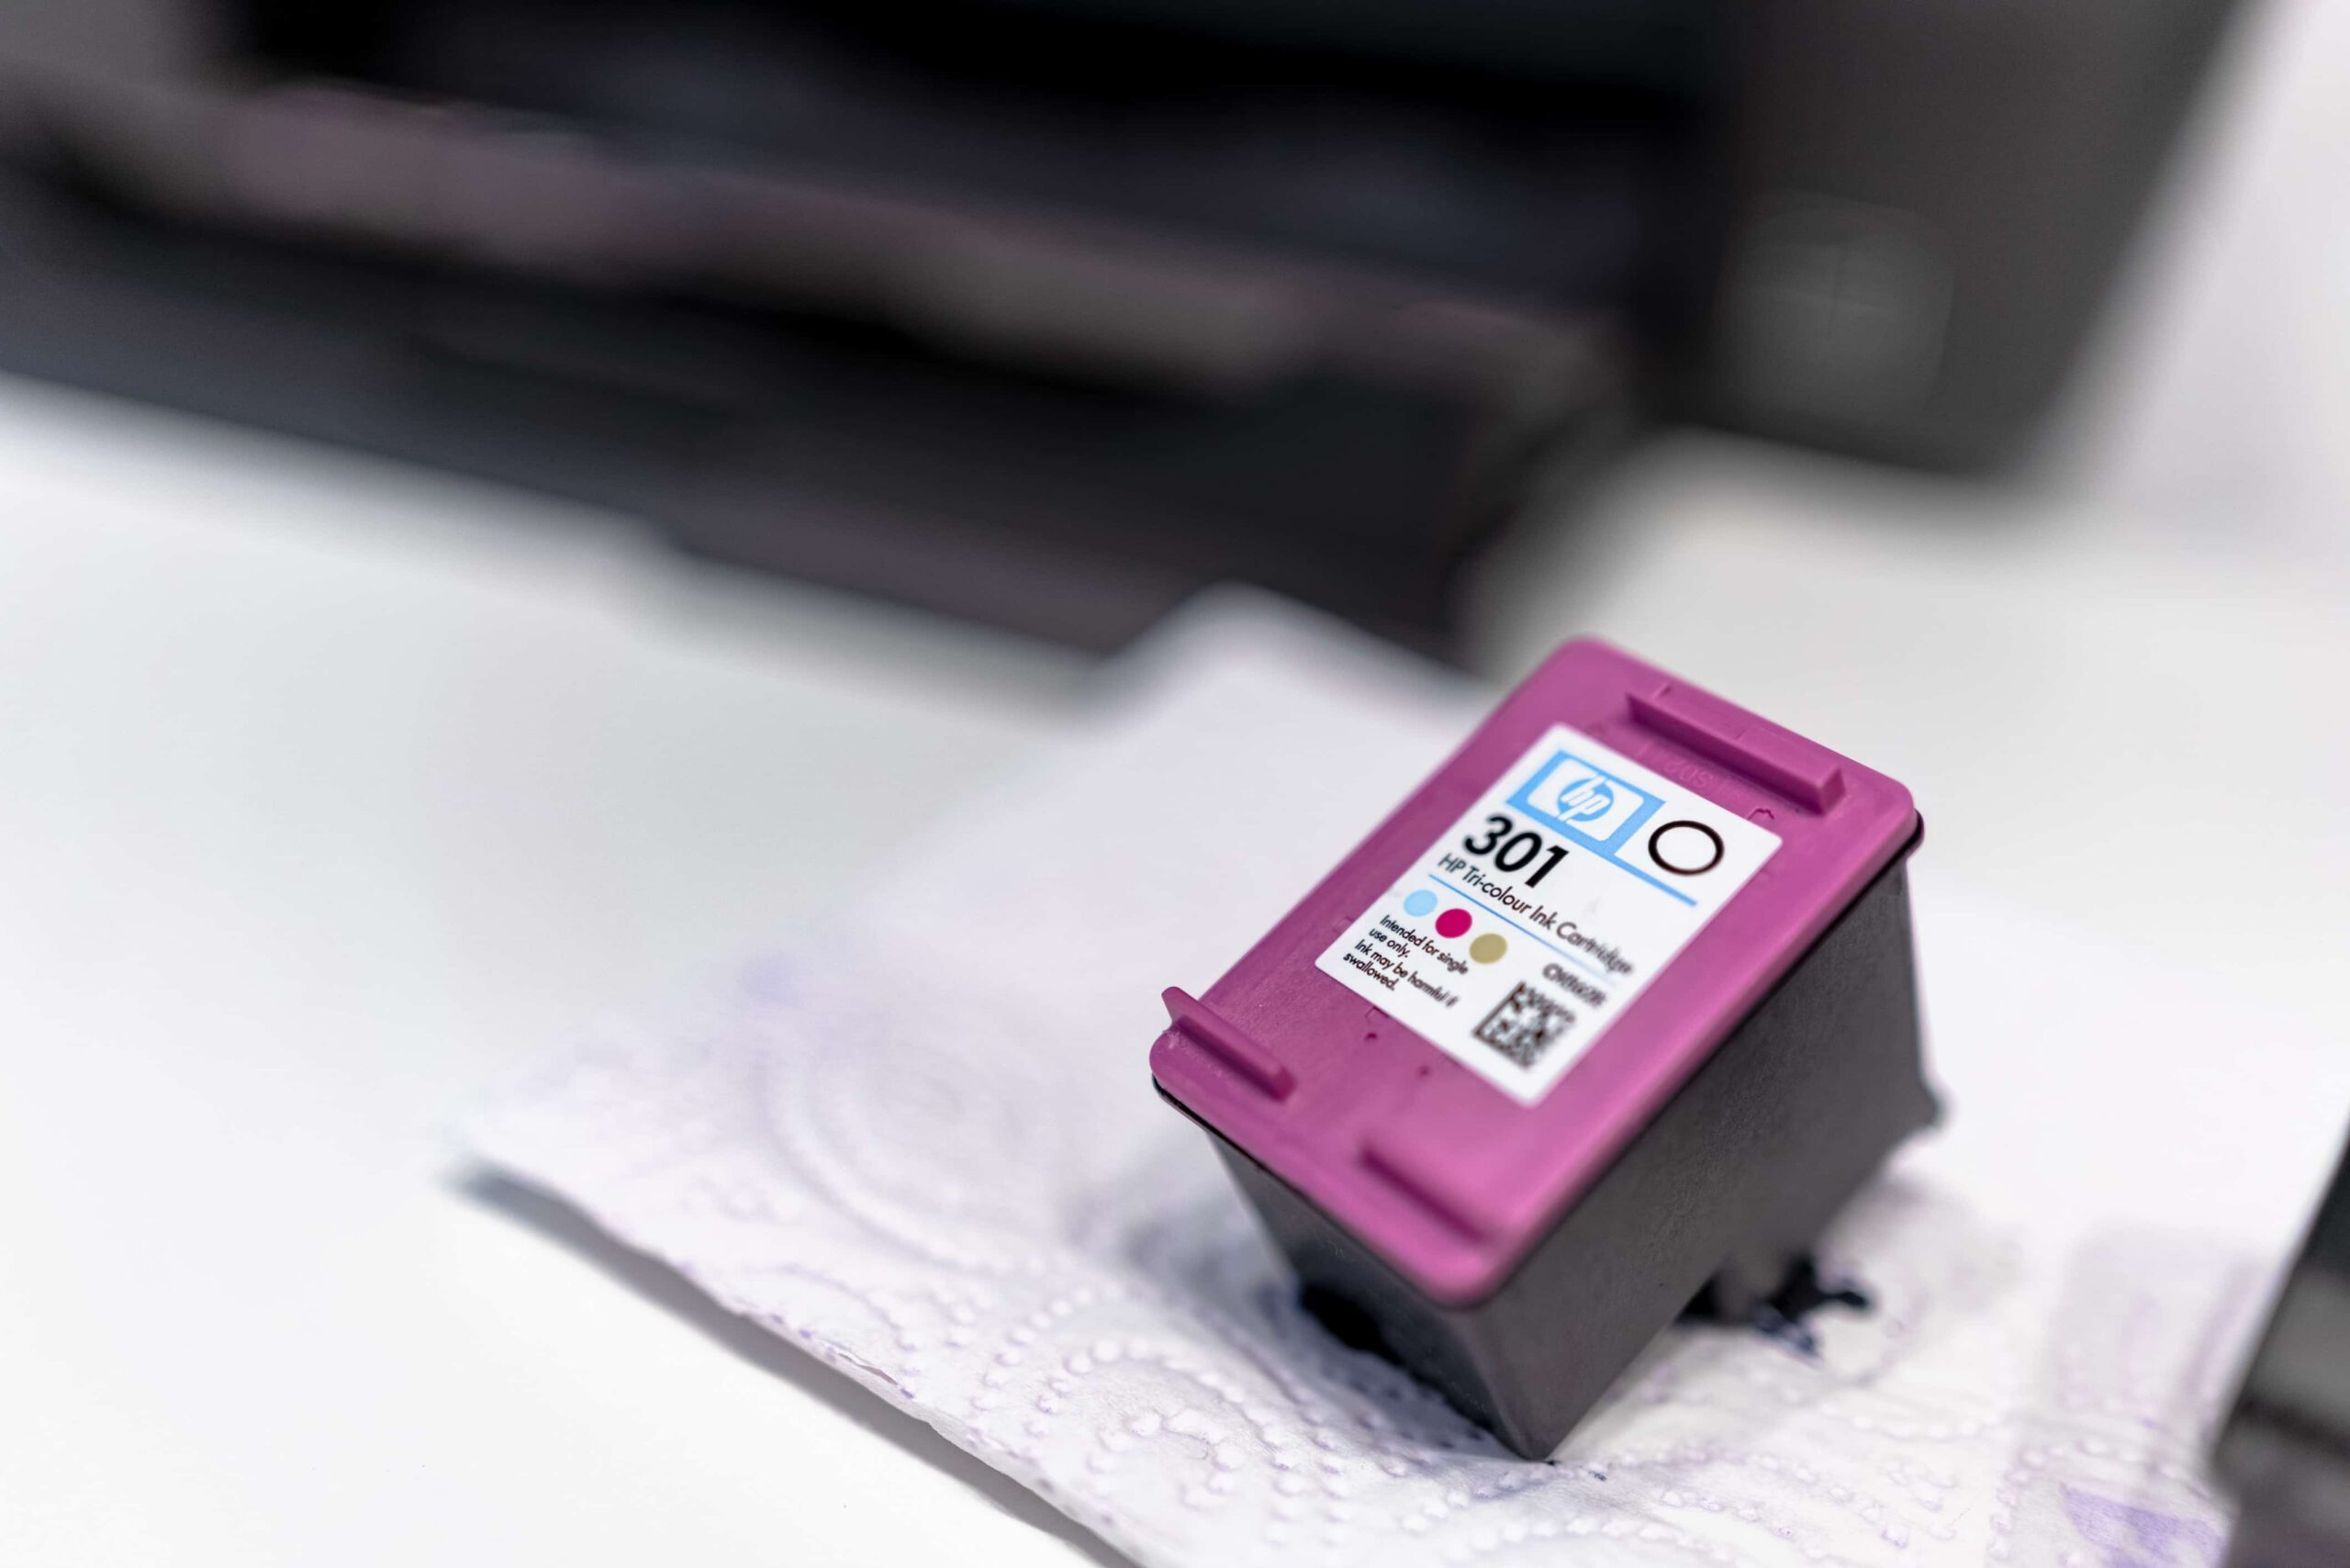 Hierom kies je voor HP inktcartridges